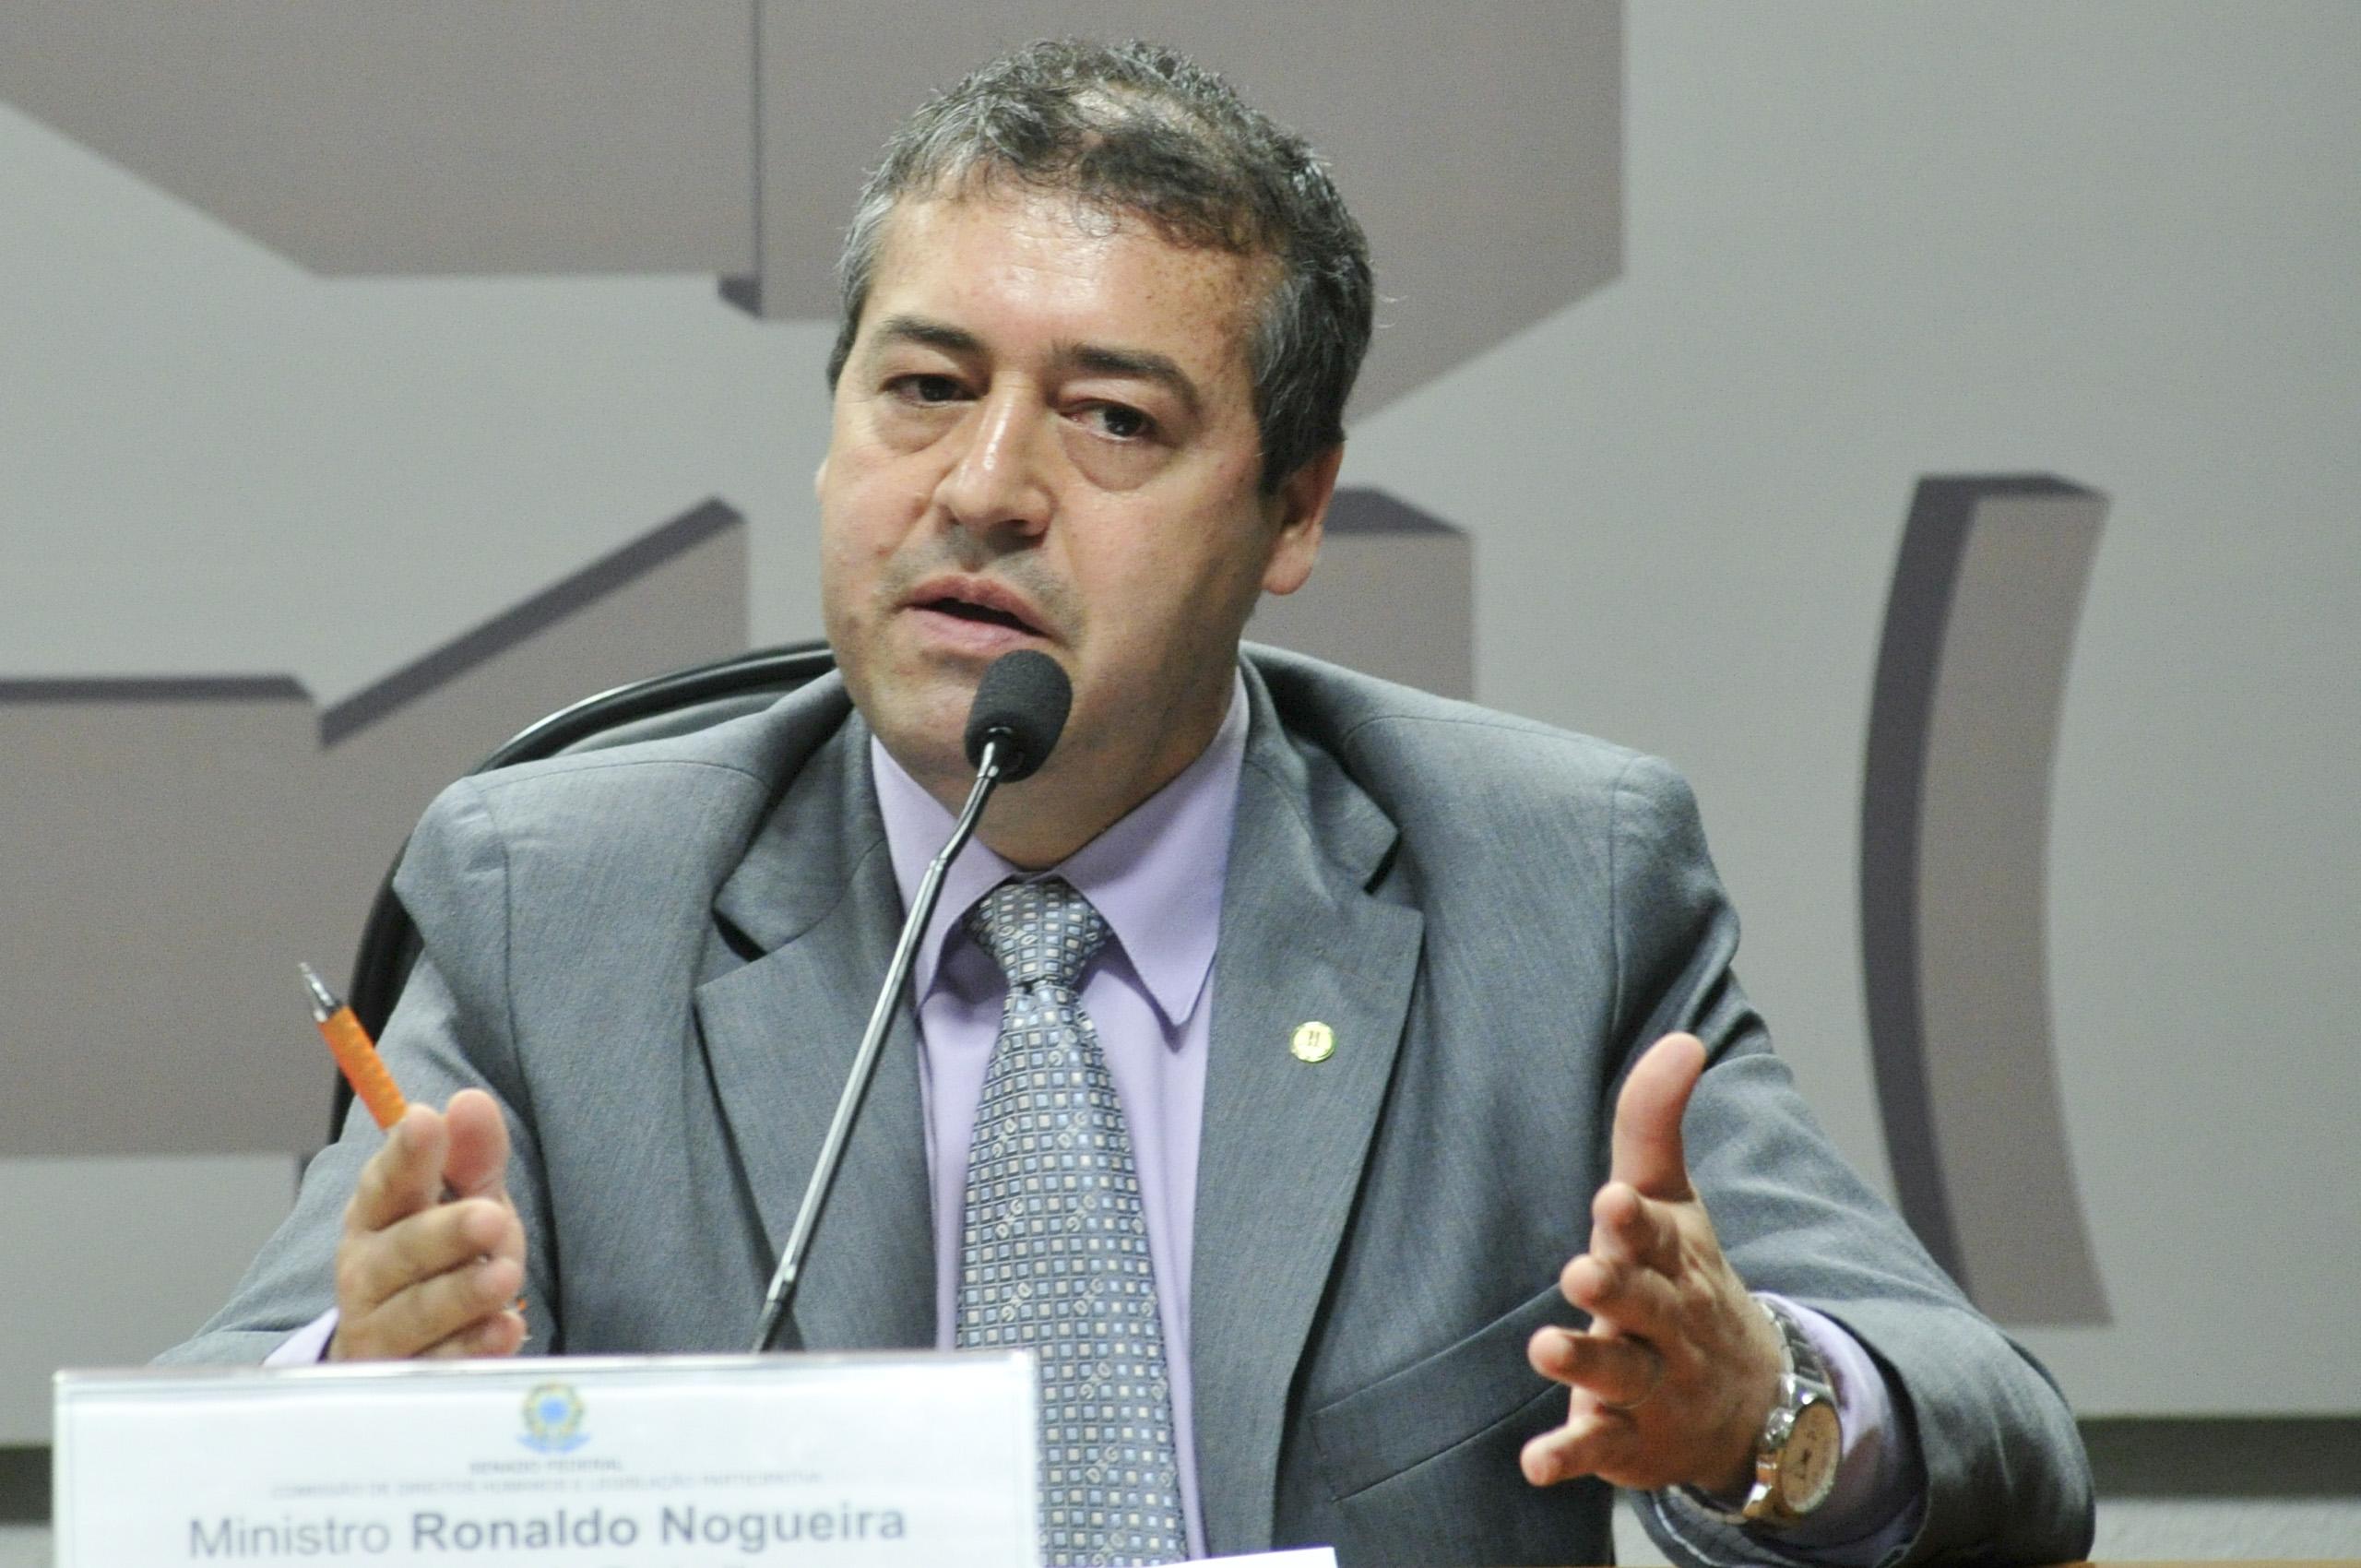 Veja o que saiu no Migalhas sobre Ronaldo Nogueira